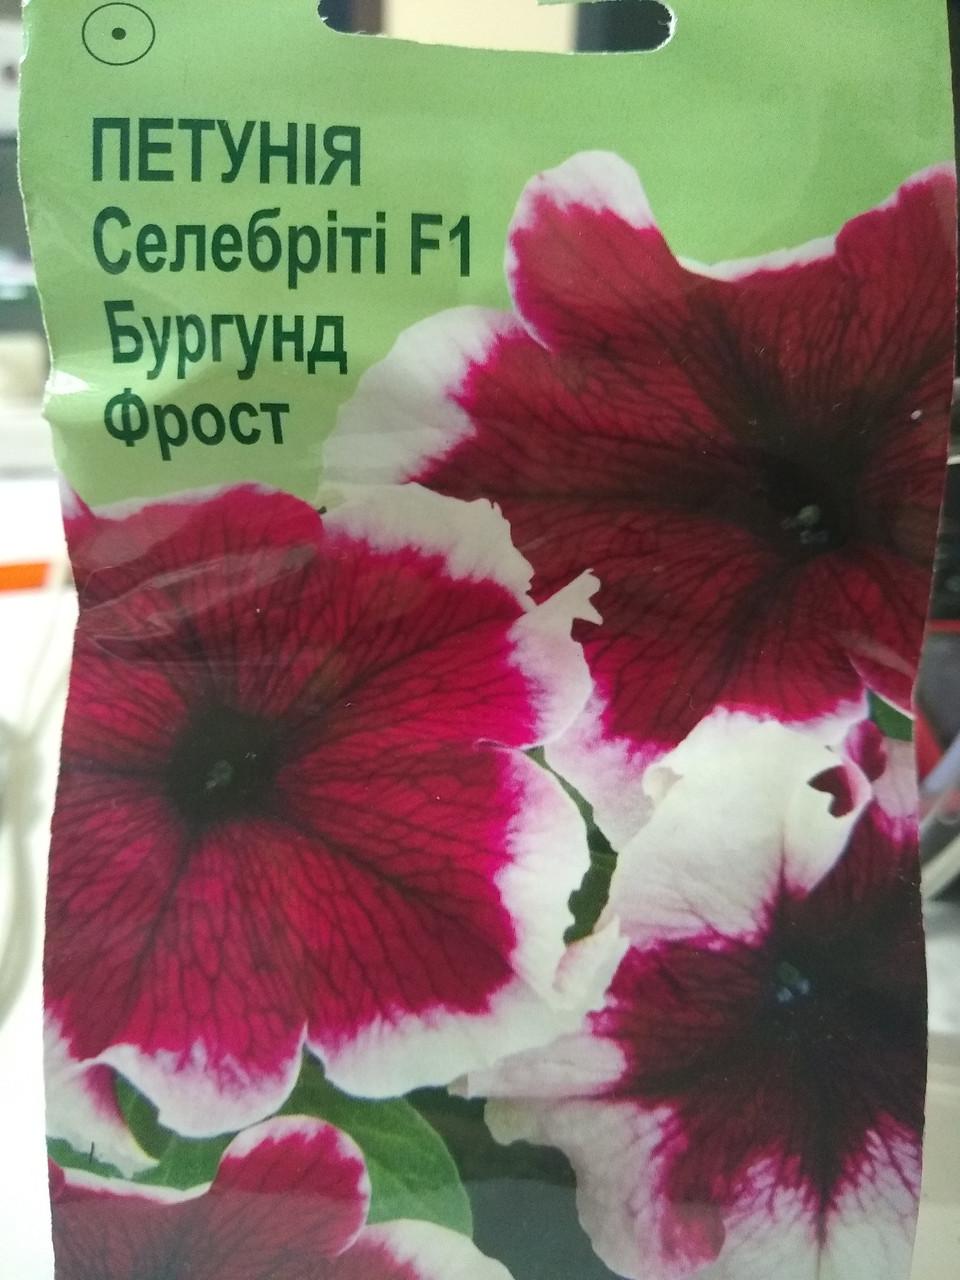 Семена петунии гибридной Селебрити F1 Бургунд Фрост 10 семян Элитсортнасиння Украина